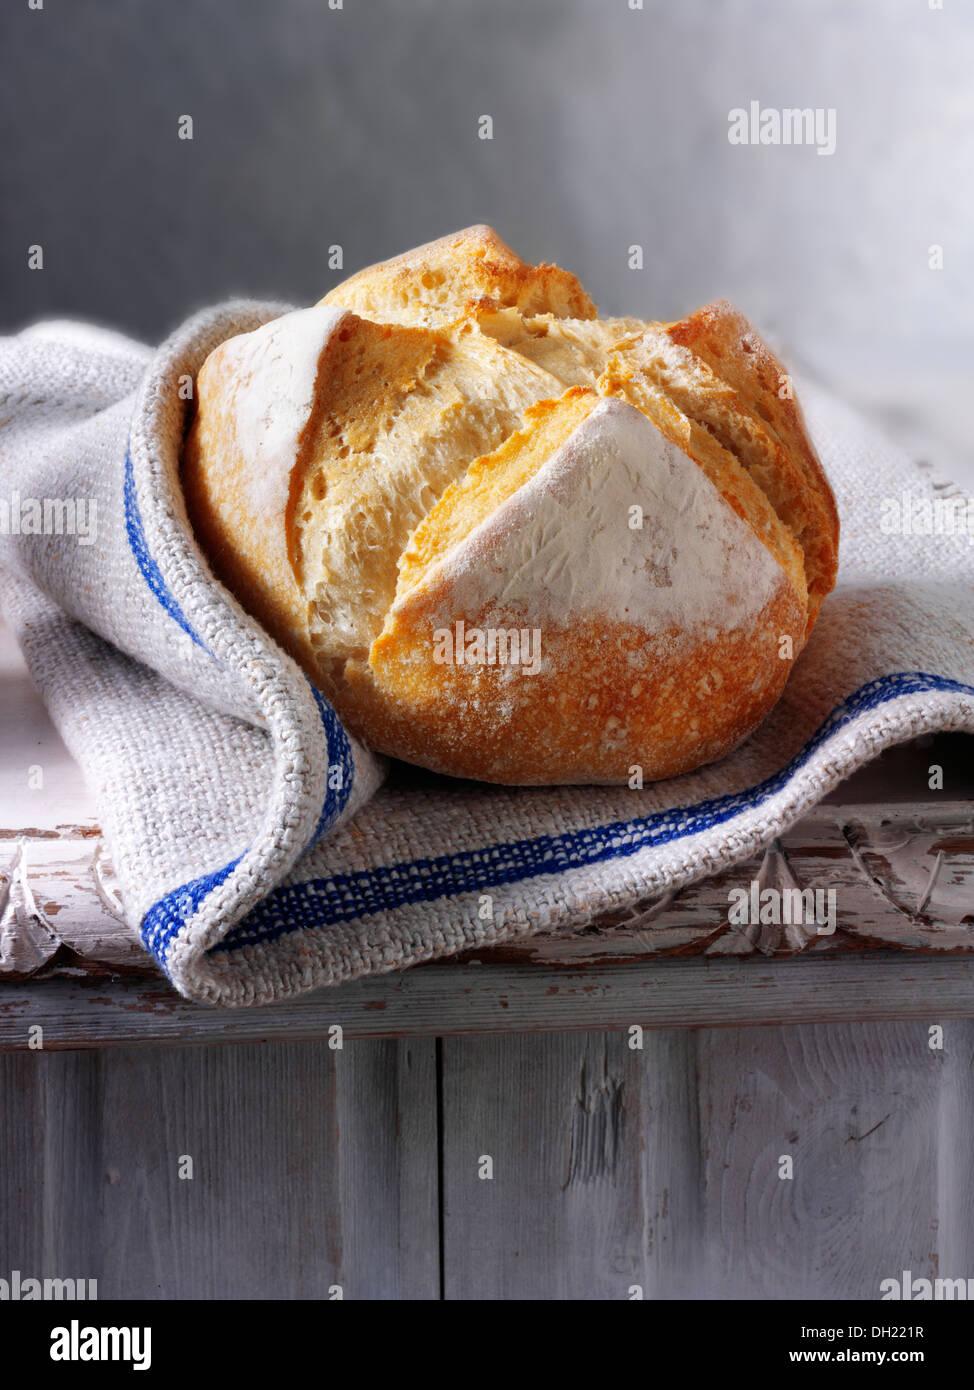 Organico artigianale pain au Levain Pane francese Immagini Stock